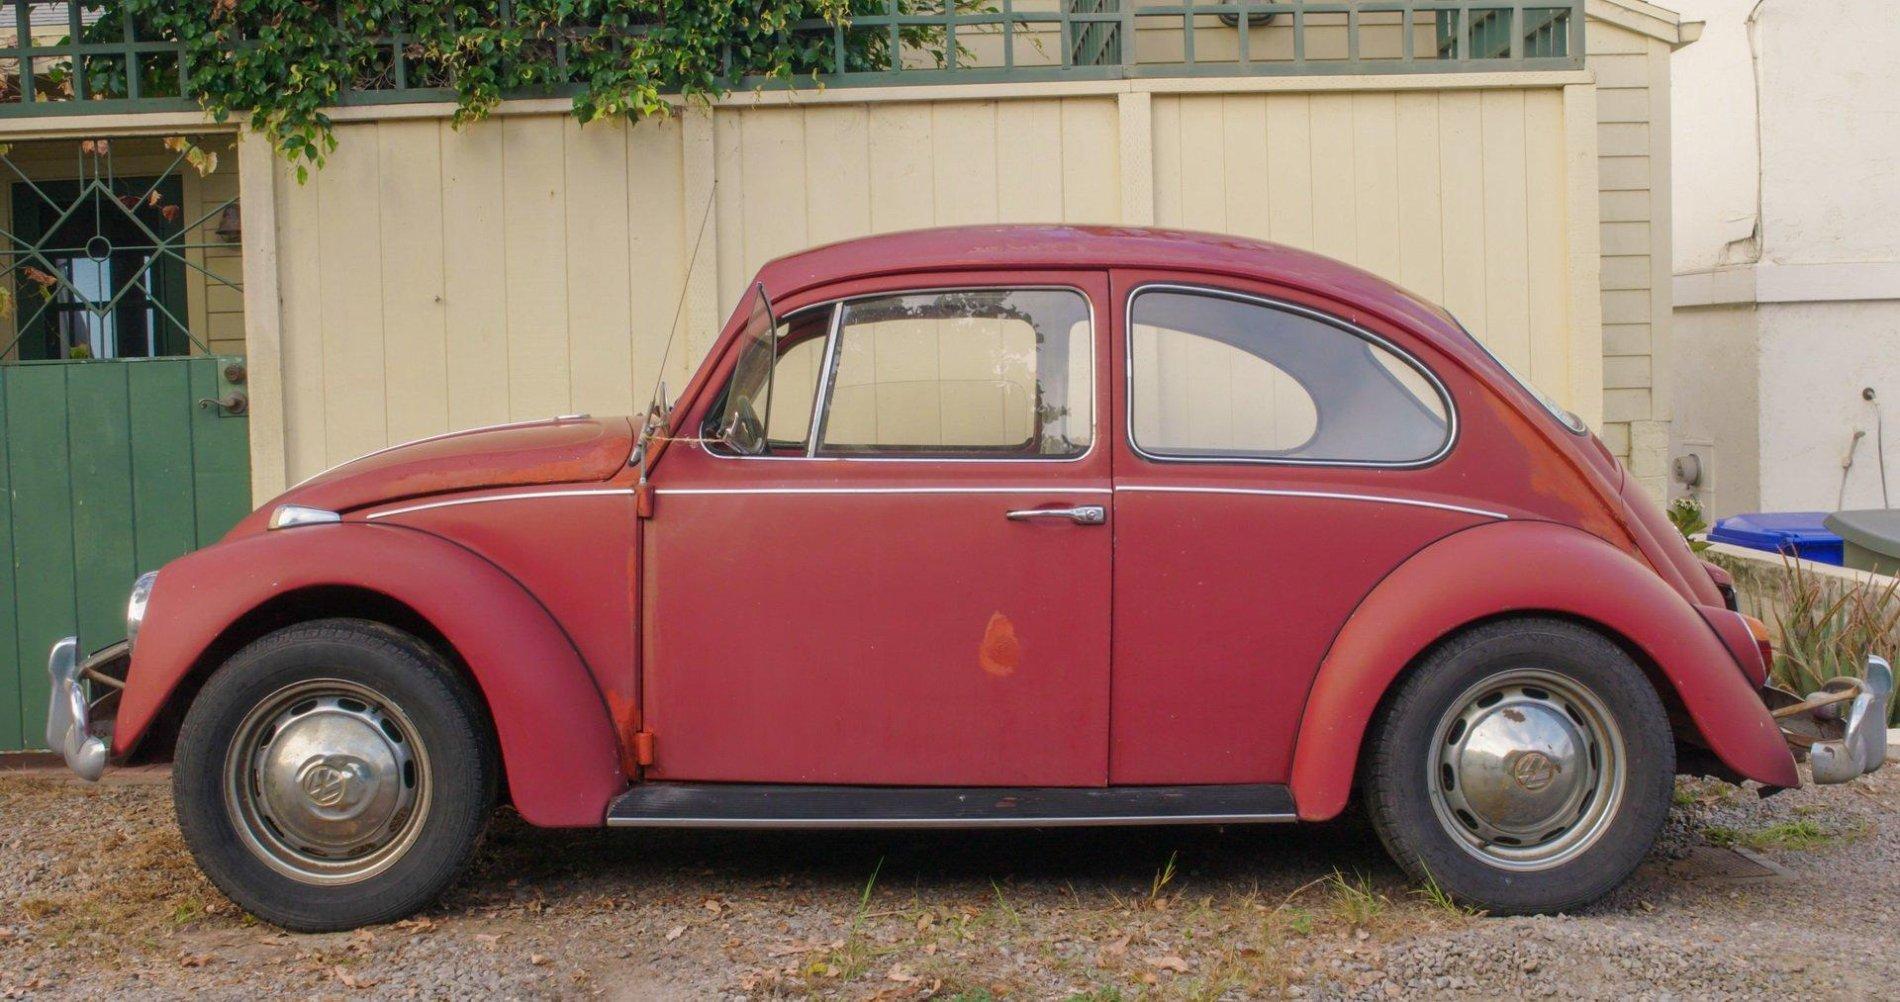 Volkswagen Beetle din '66 restaurat complet - Volkswagen Beetle din '66 restaurat complet